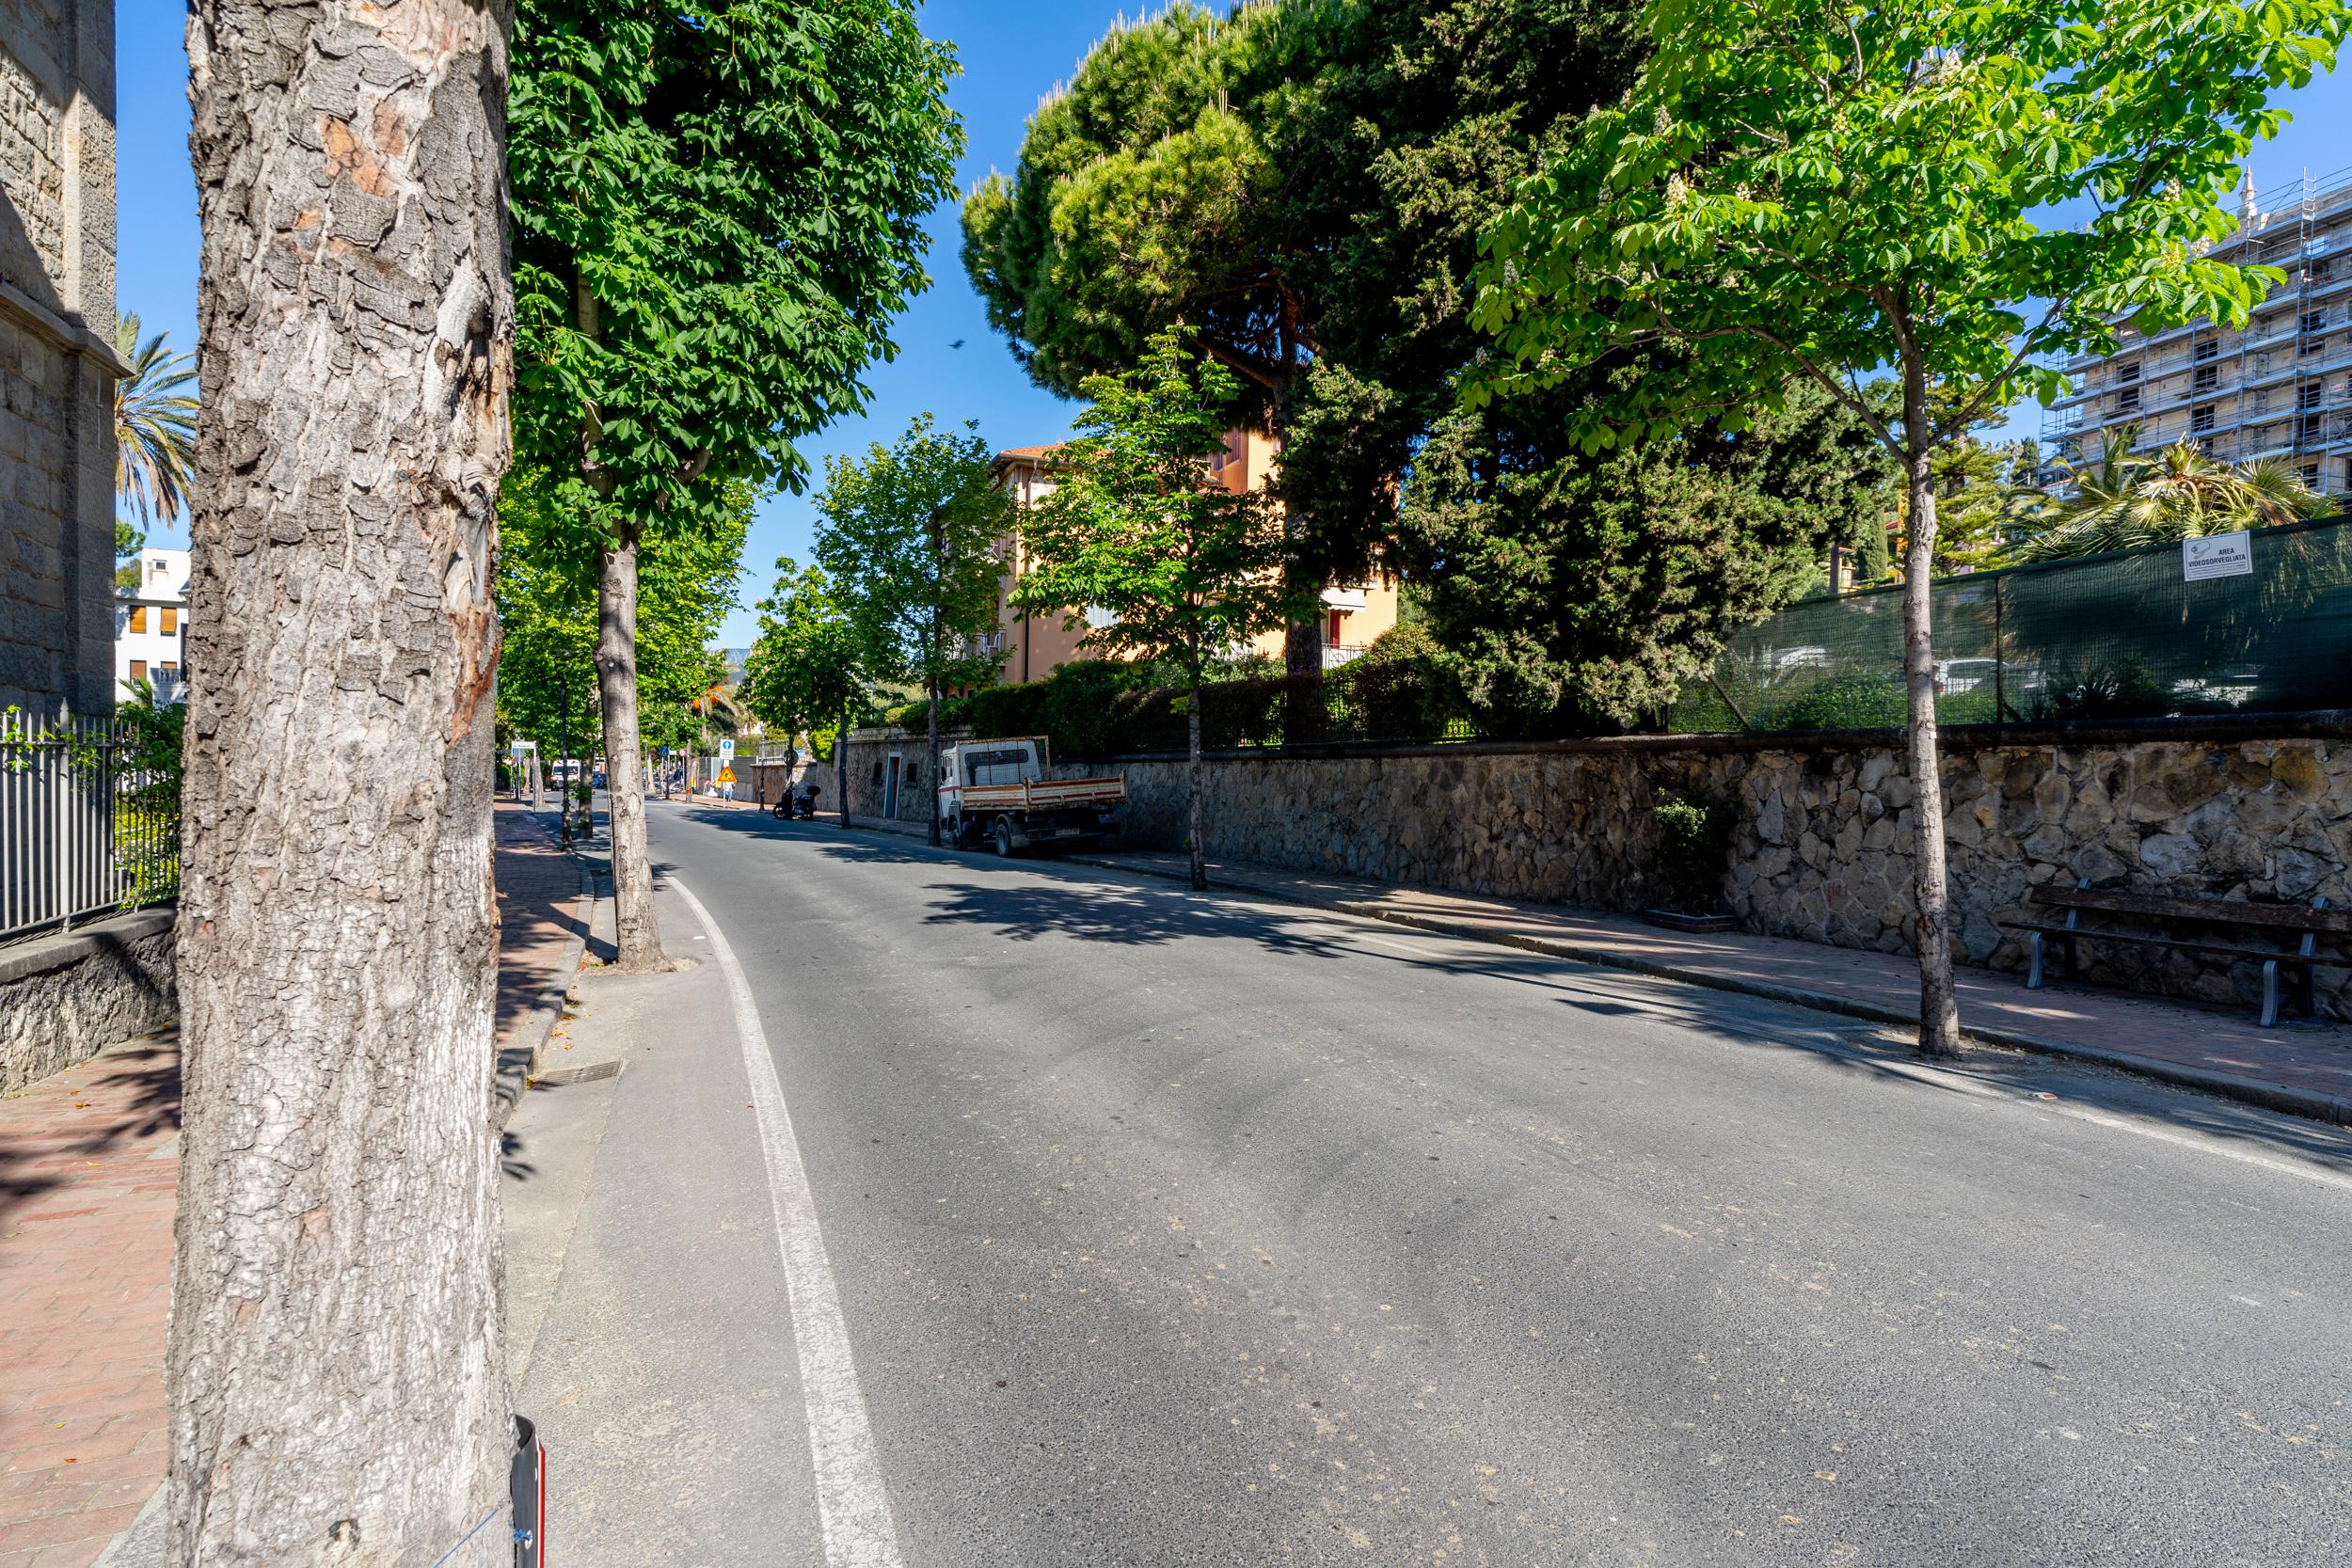 Via Romana 119 Bordighera (IM) libero subito in ottimo condominio.